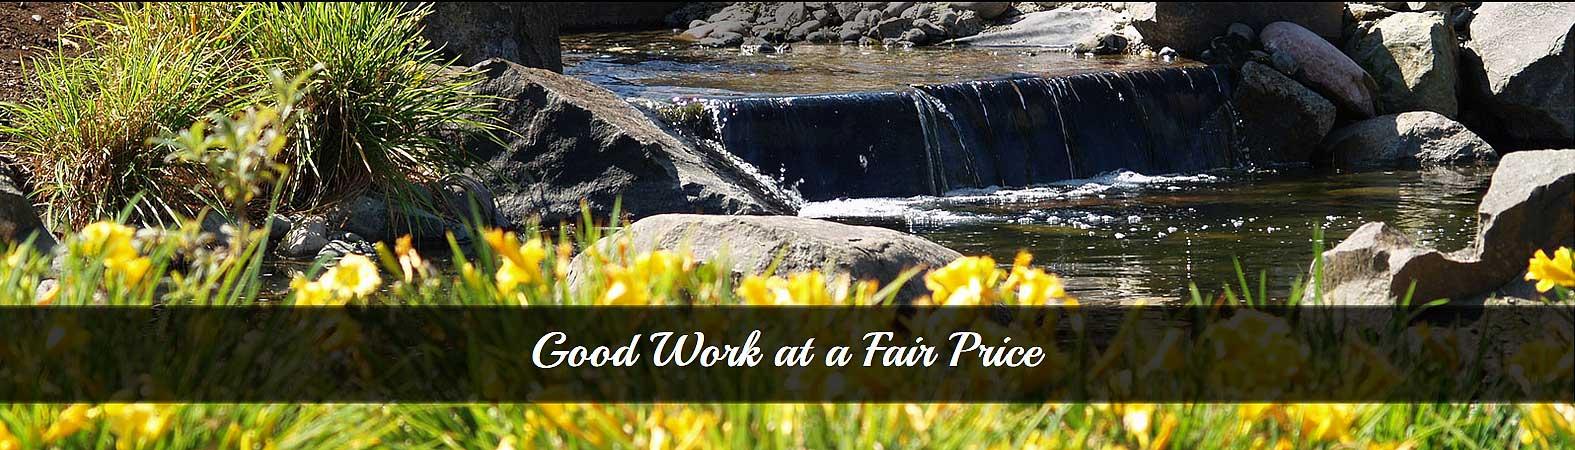 Good Work at a Fair Price